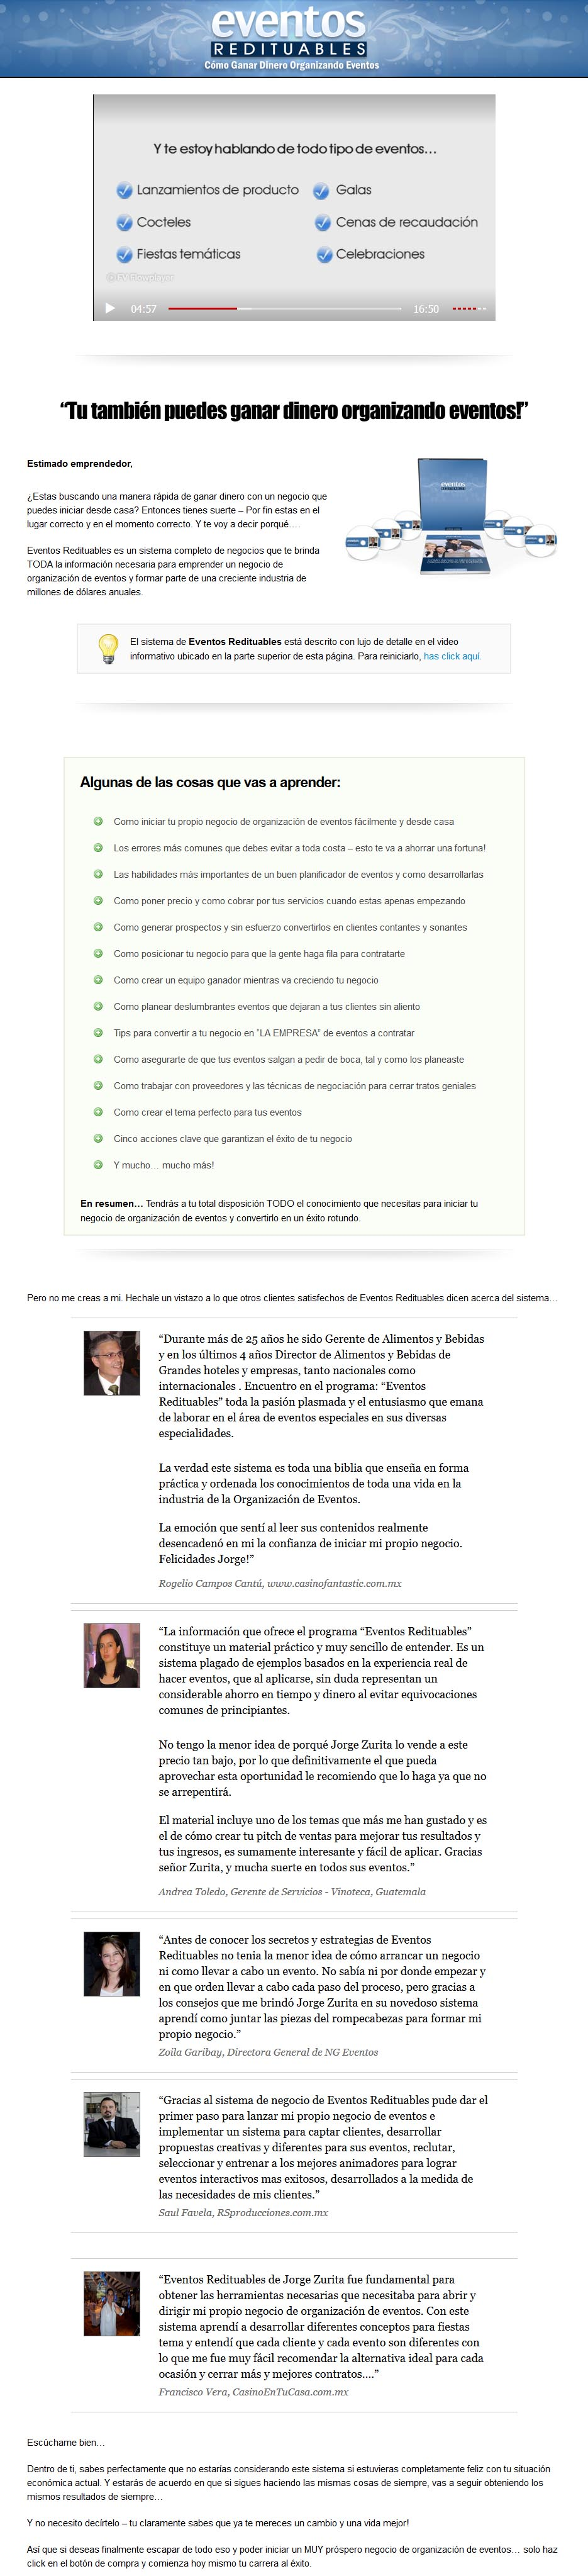 Eventos Redituables - Jorge zurita